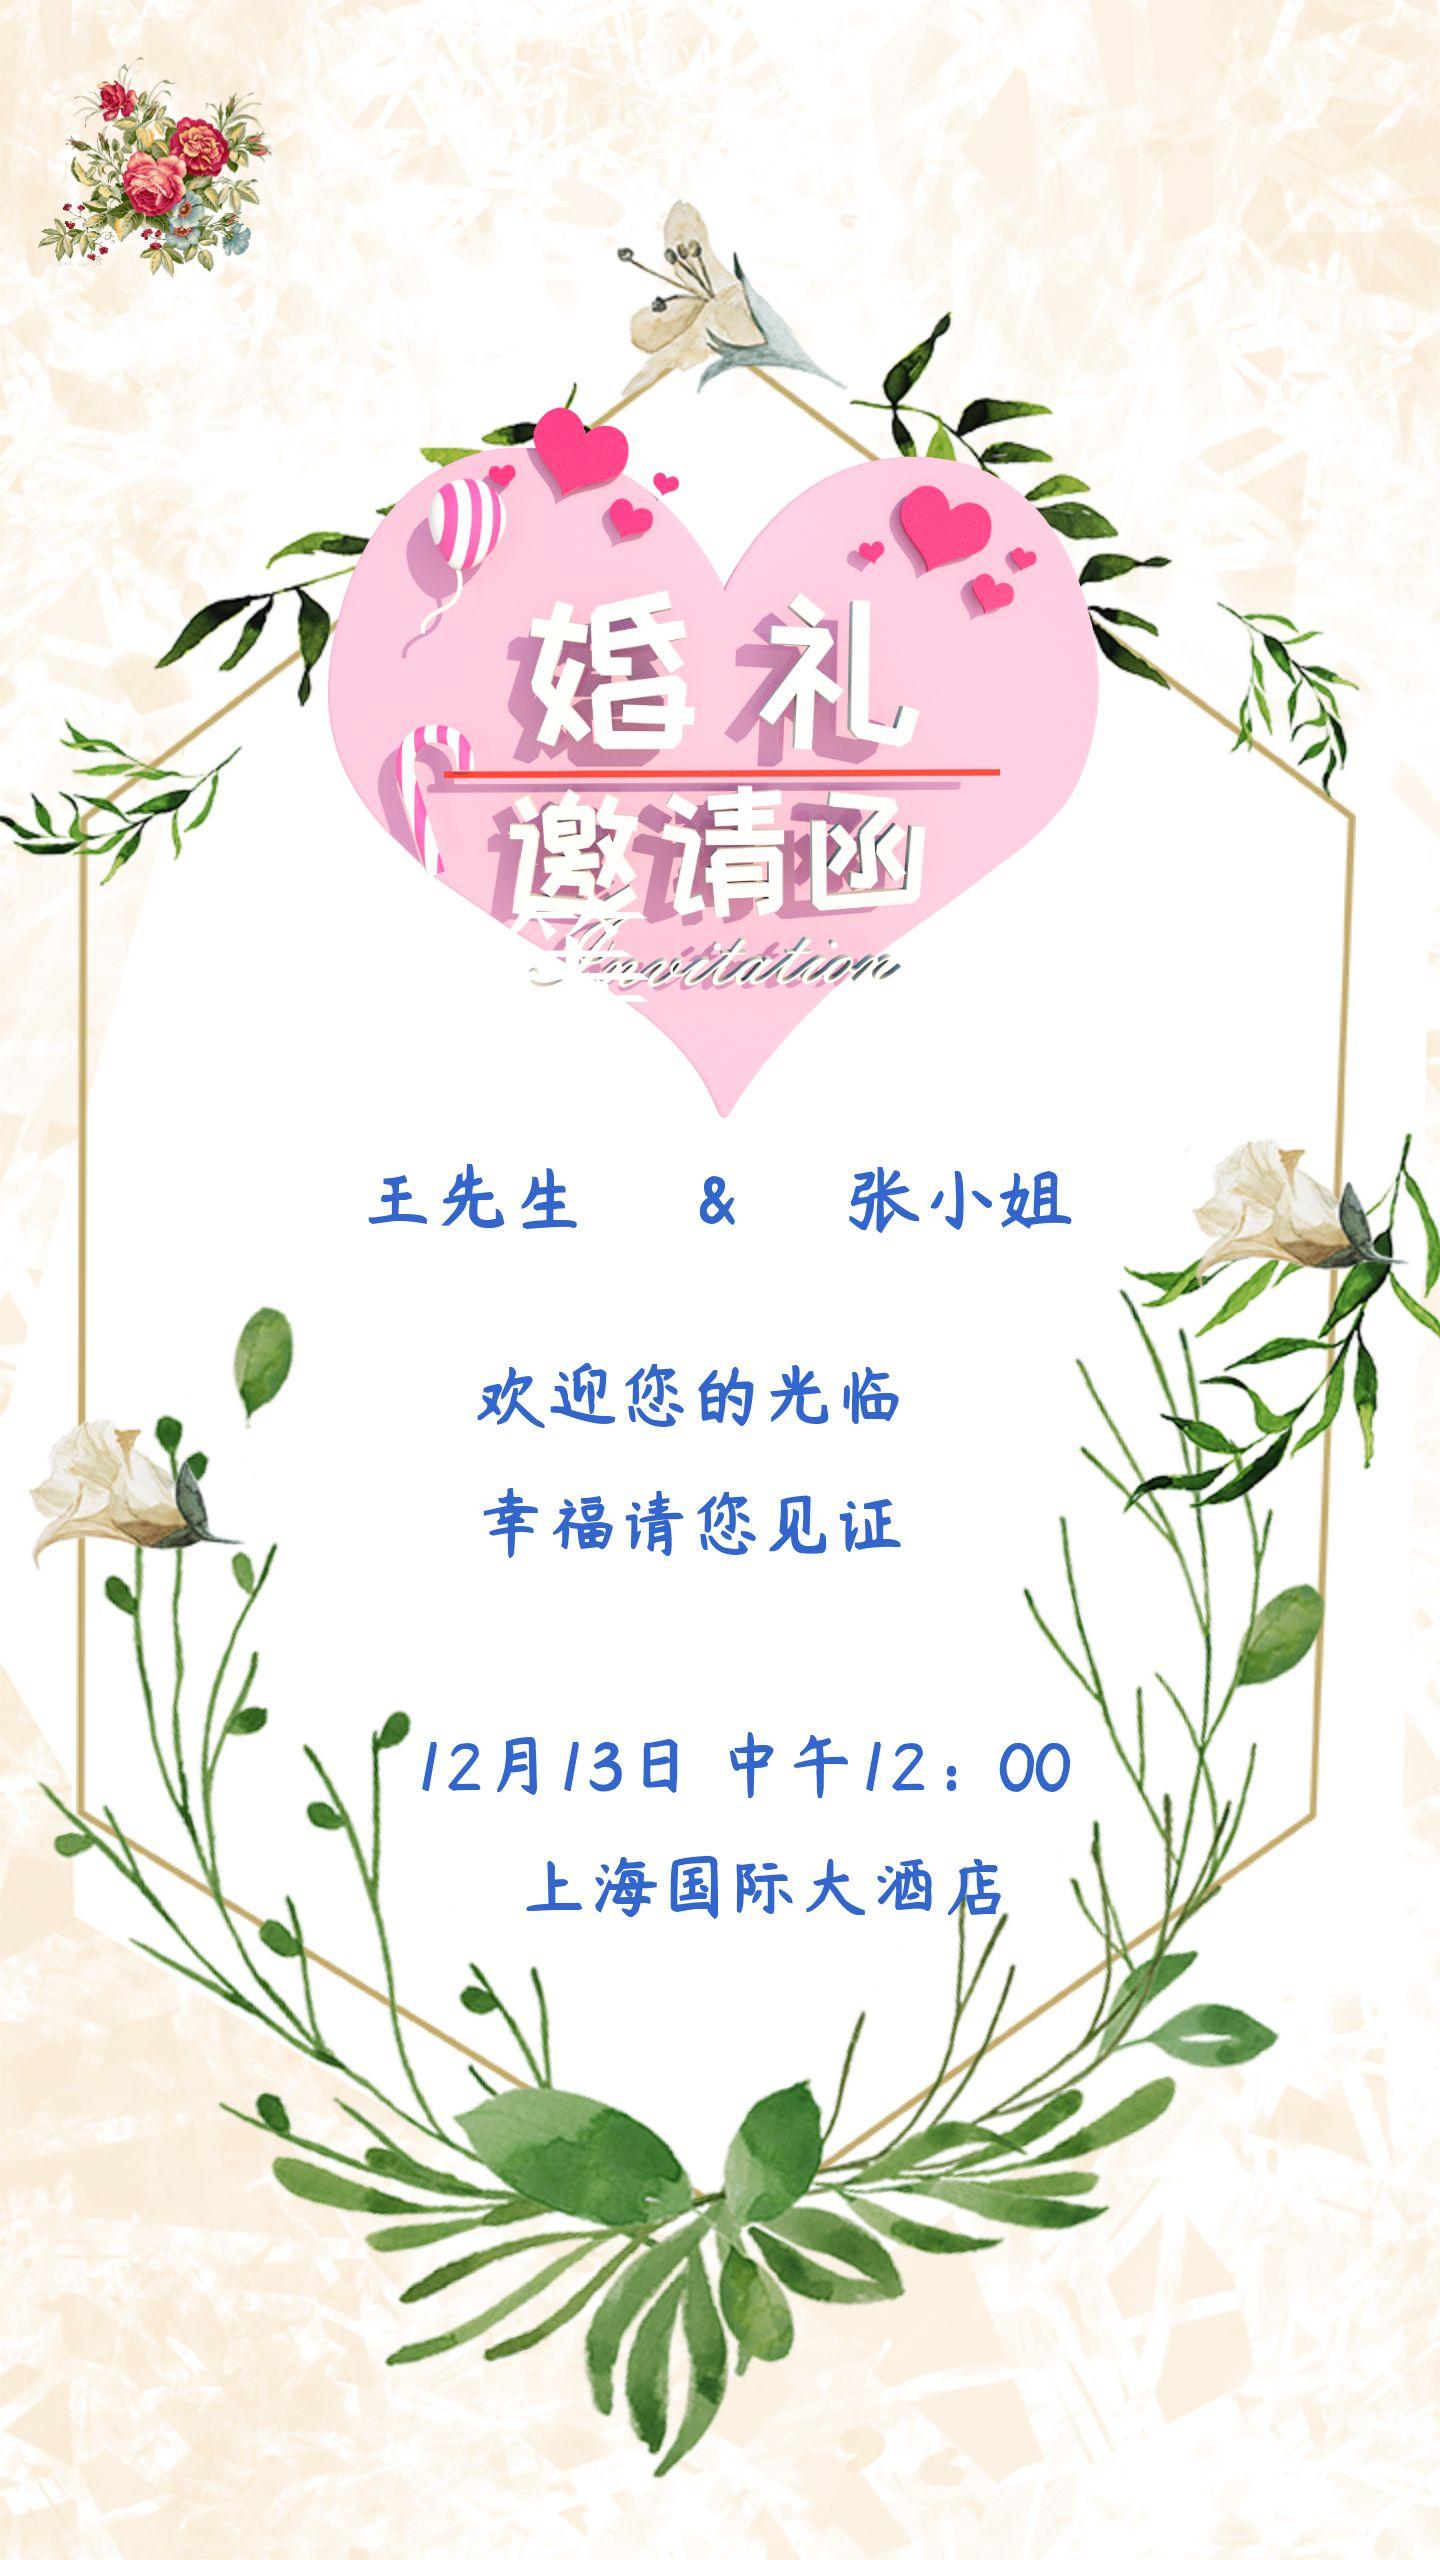 清新文艺婚礼邀请函海报